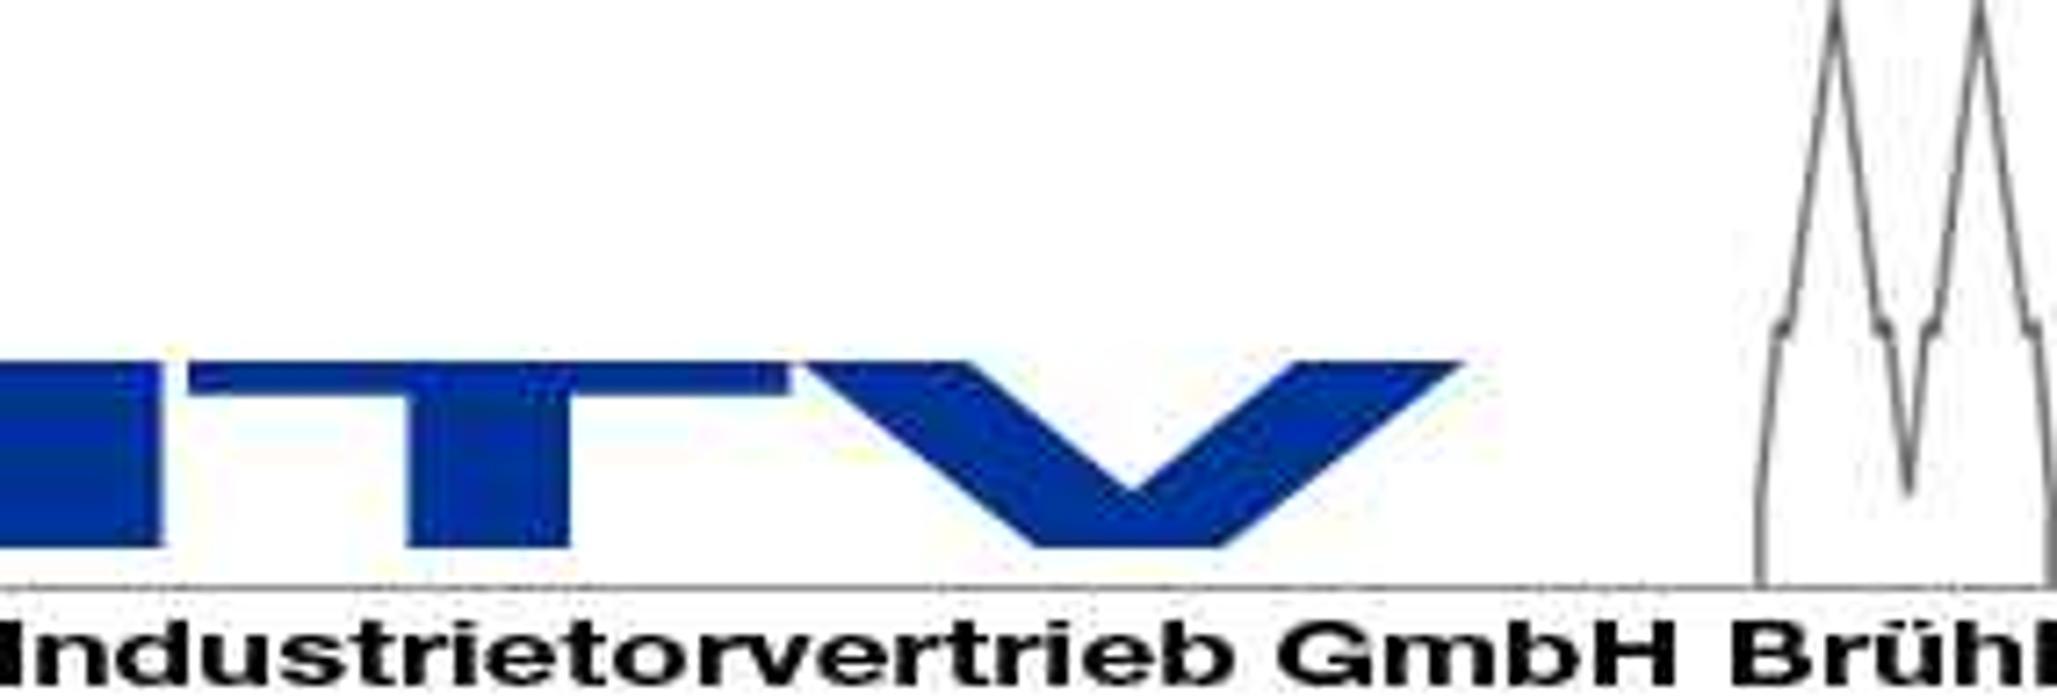 Bild zu ITV Industrietorvertrieb GmbH in Brühl im Rheinland